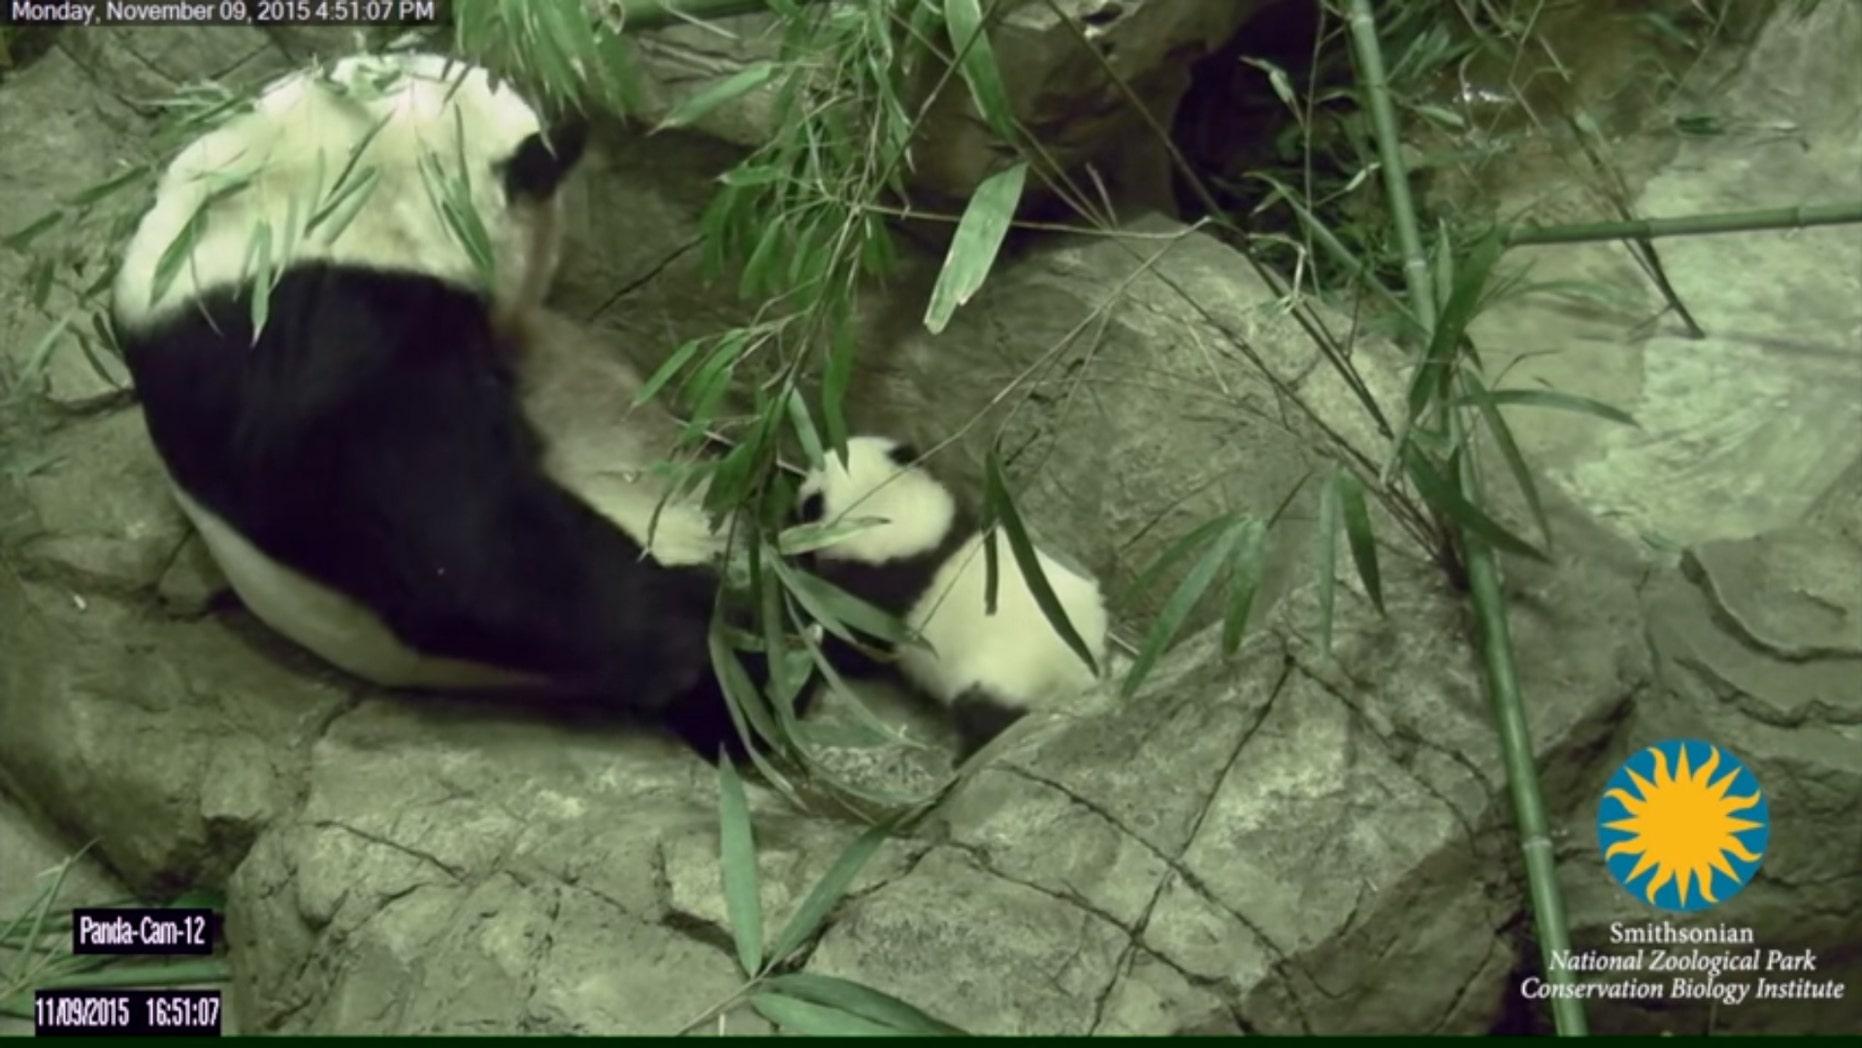 (Smithsonian's National Zoo)